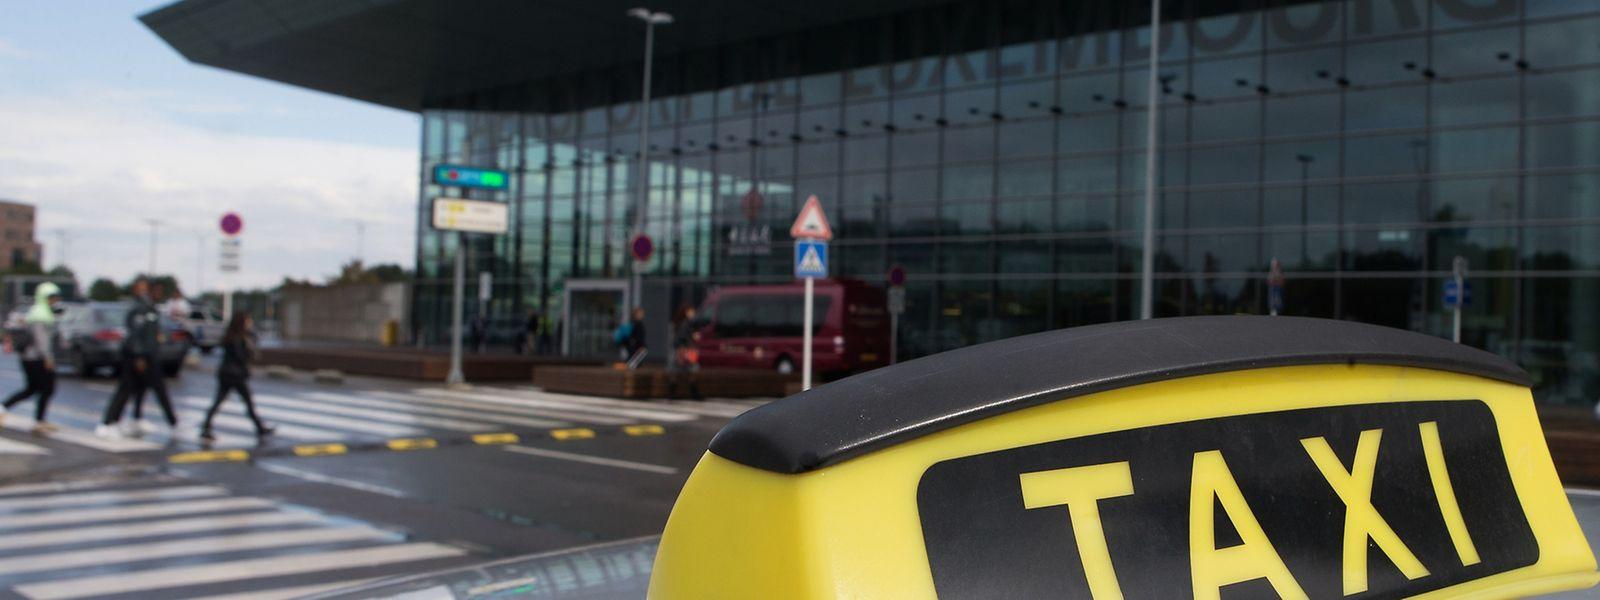 Ab dem 1. September ist das neue Taxigesetz in Kraft.